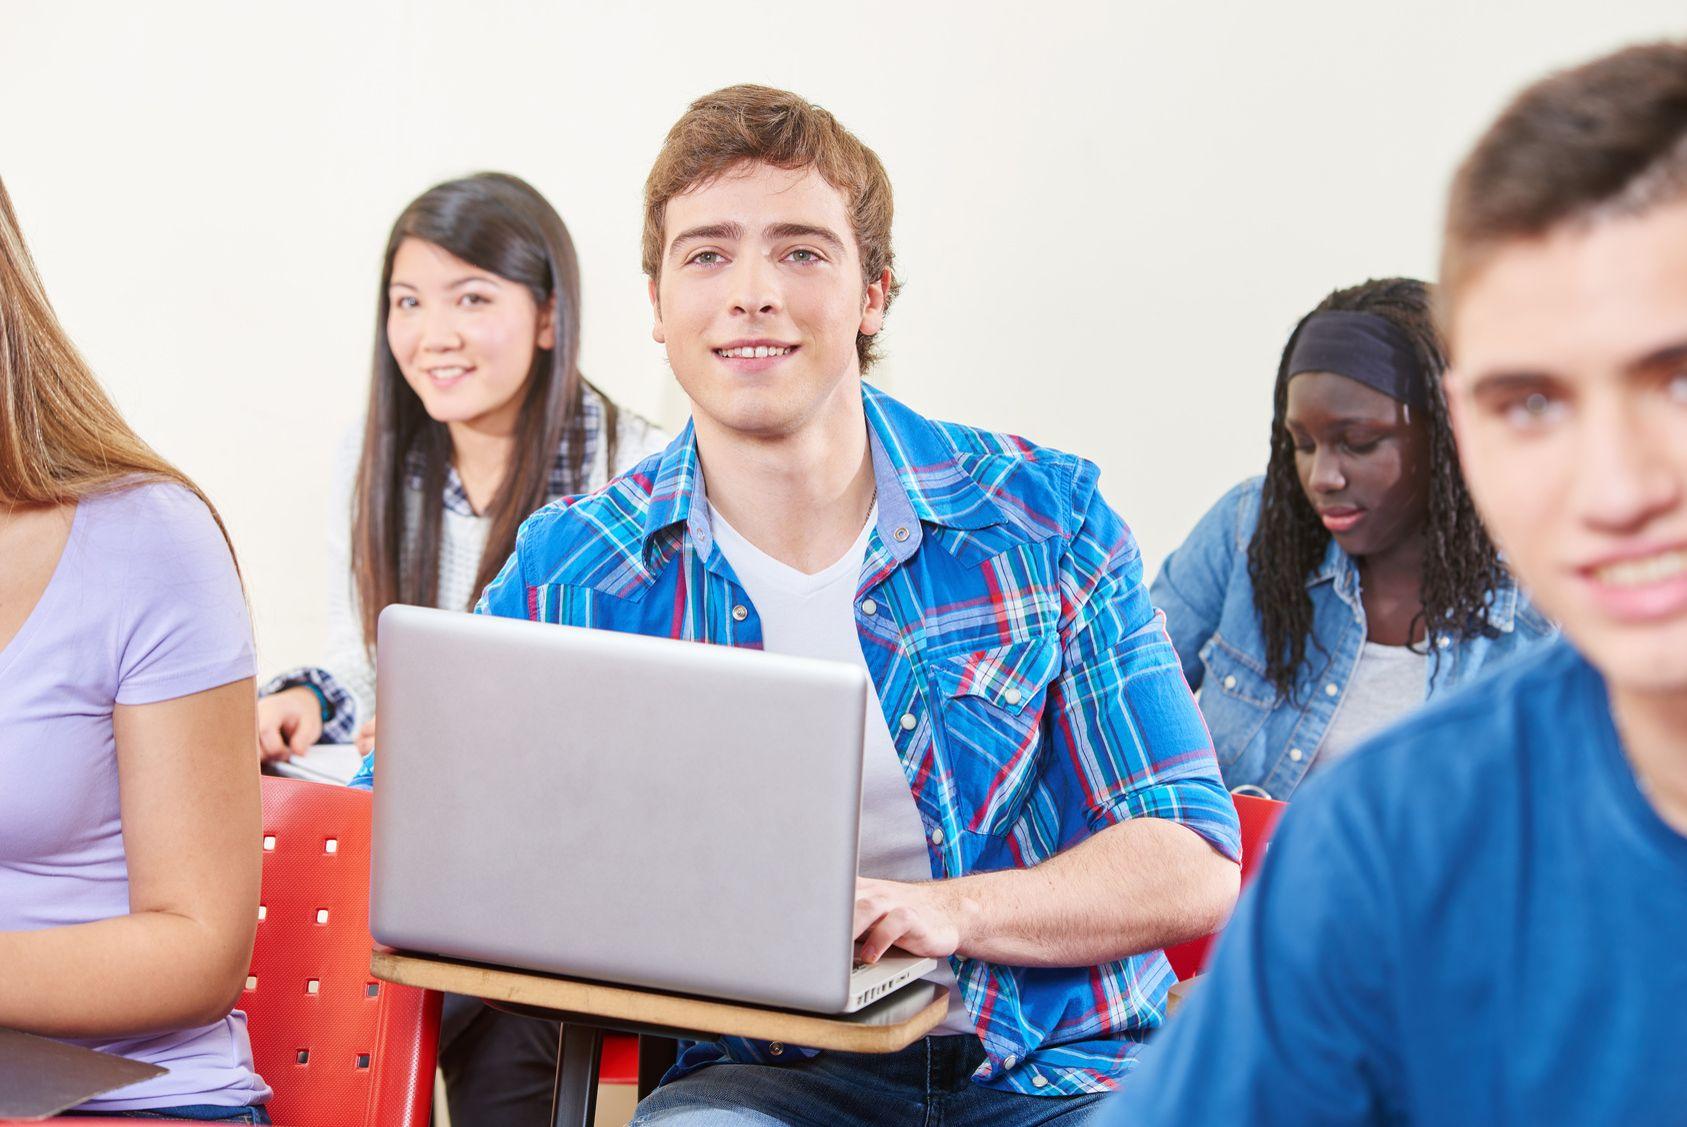 École privée SML : Pour quelle entreprise est-elle destinée ?